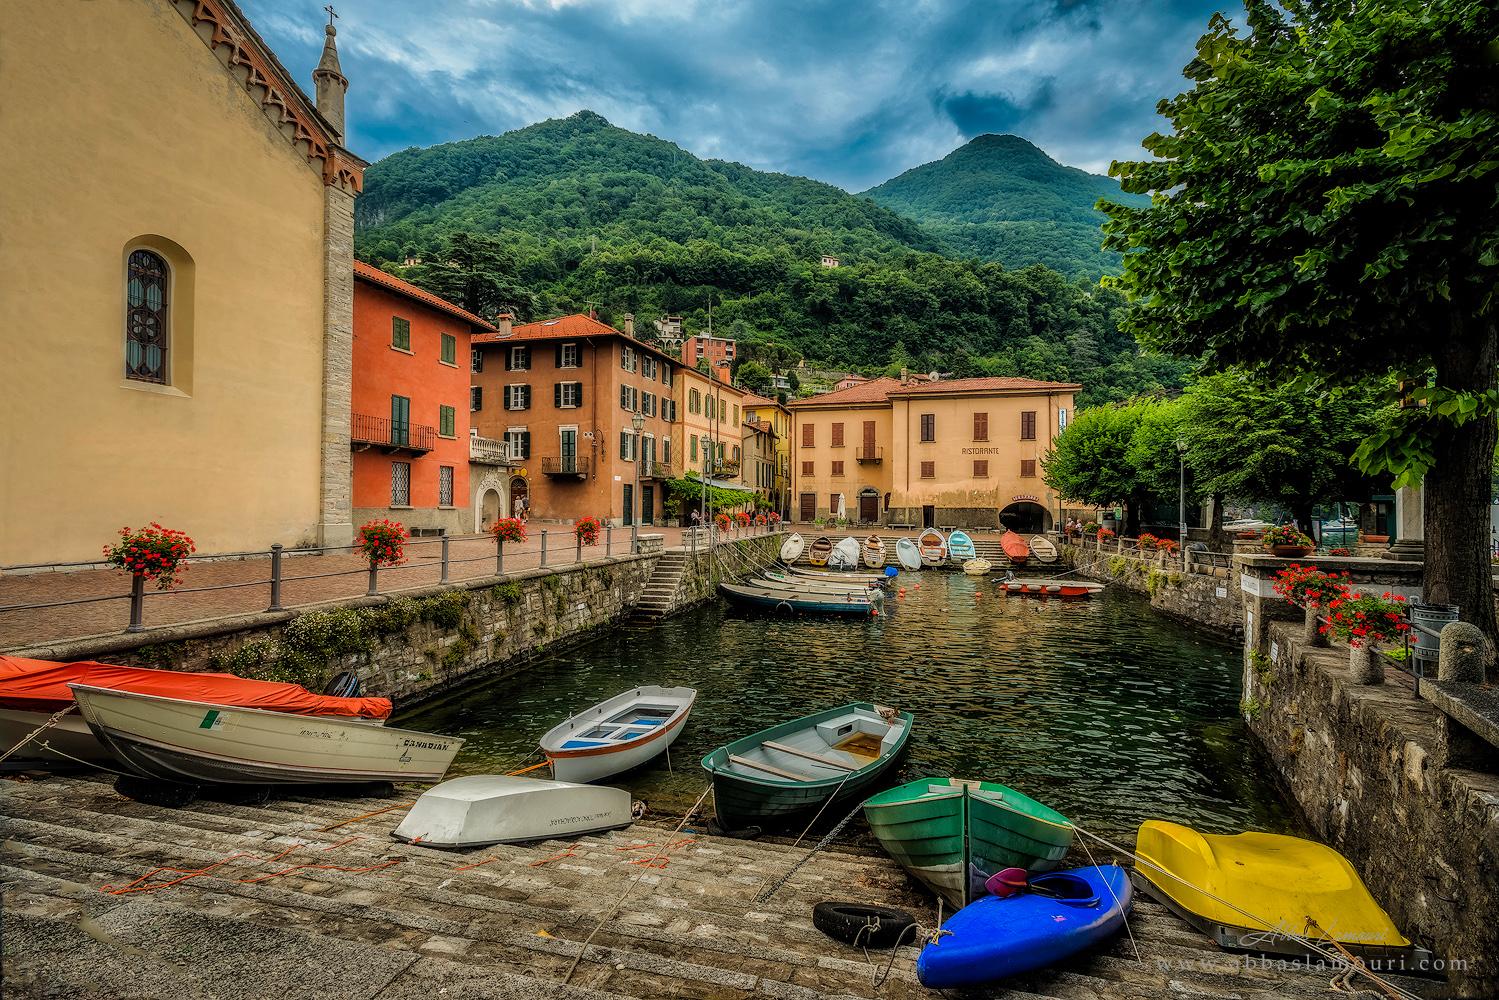 Torno - Como, Italy